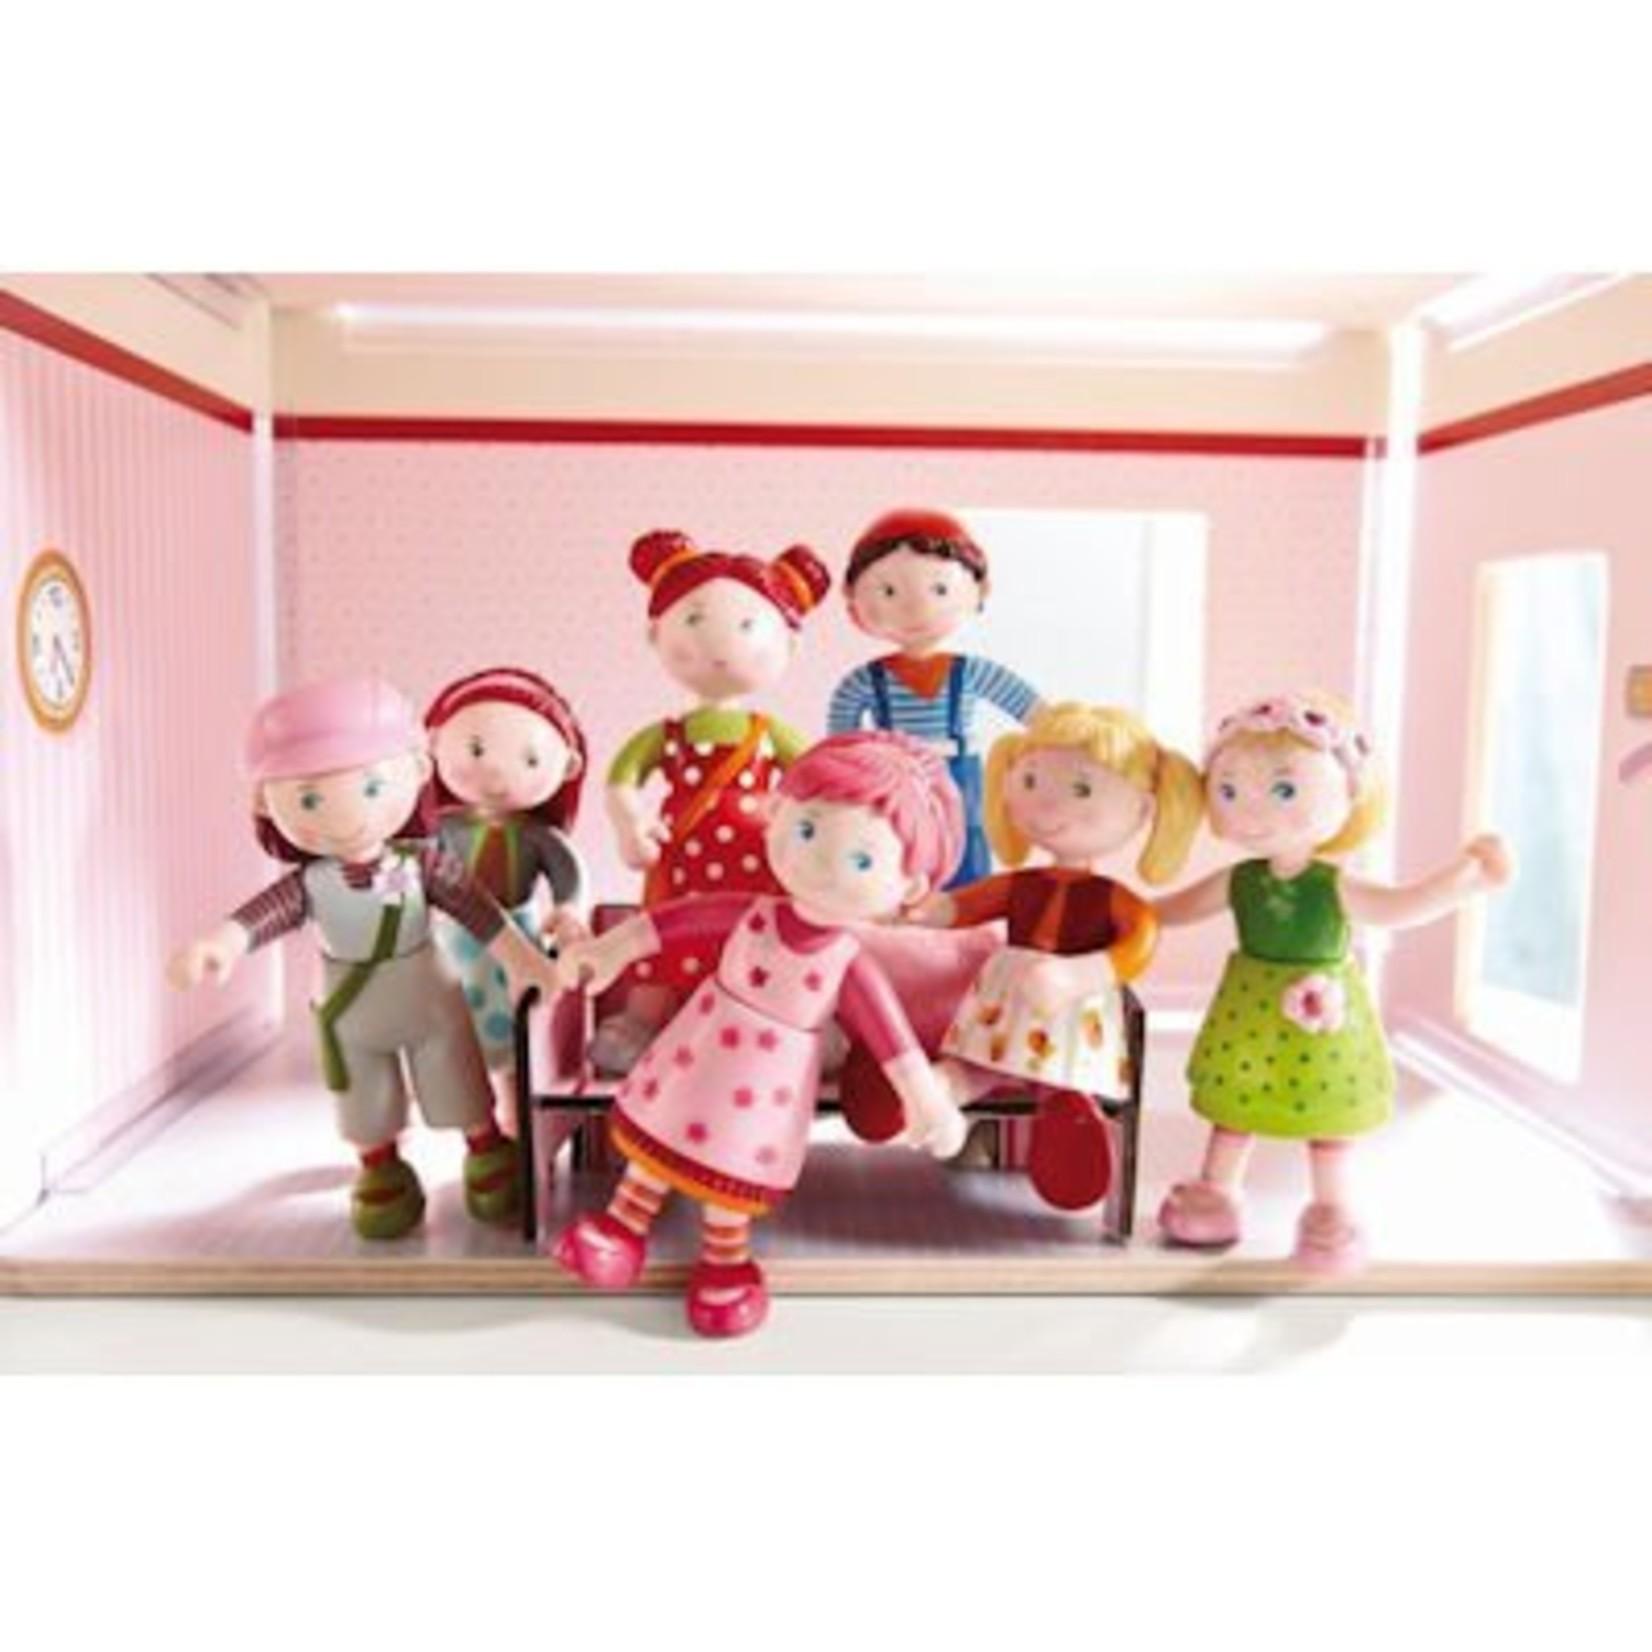 Haba Little Friends poppenhuisfiguurtje Haan